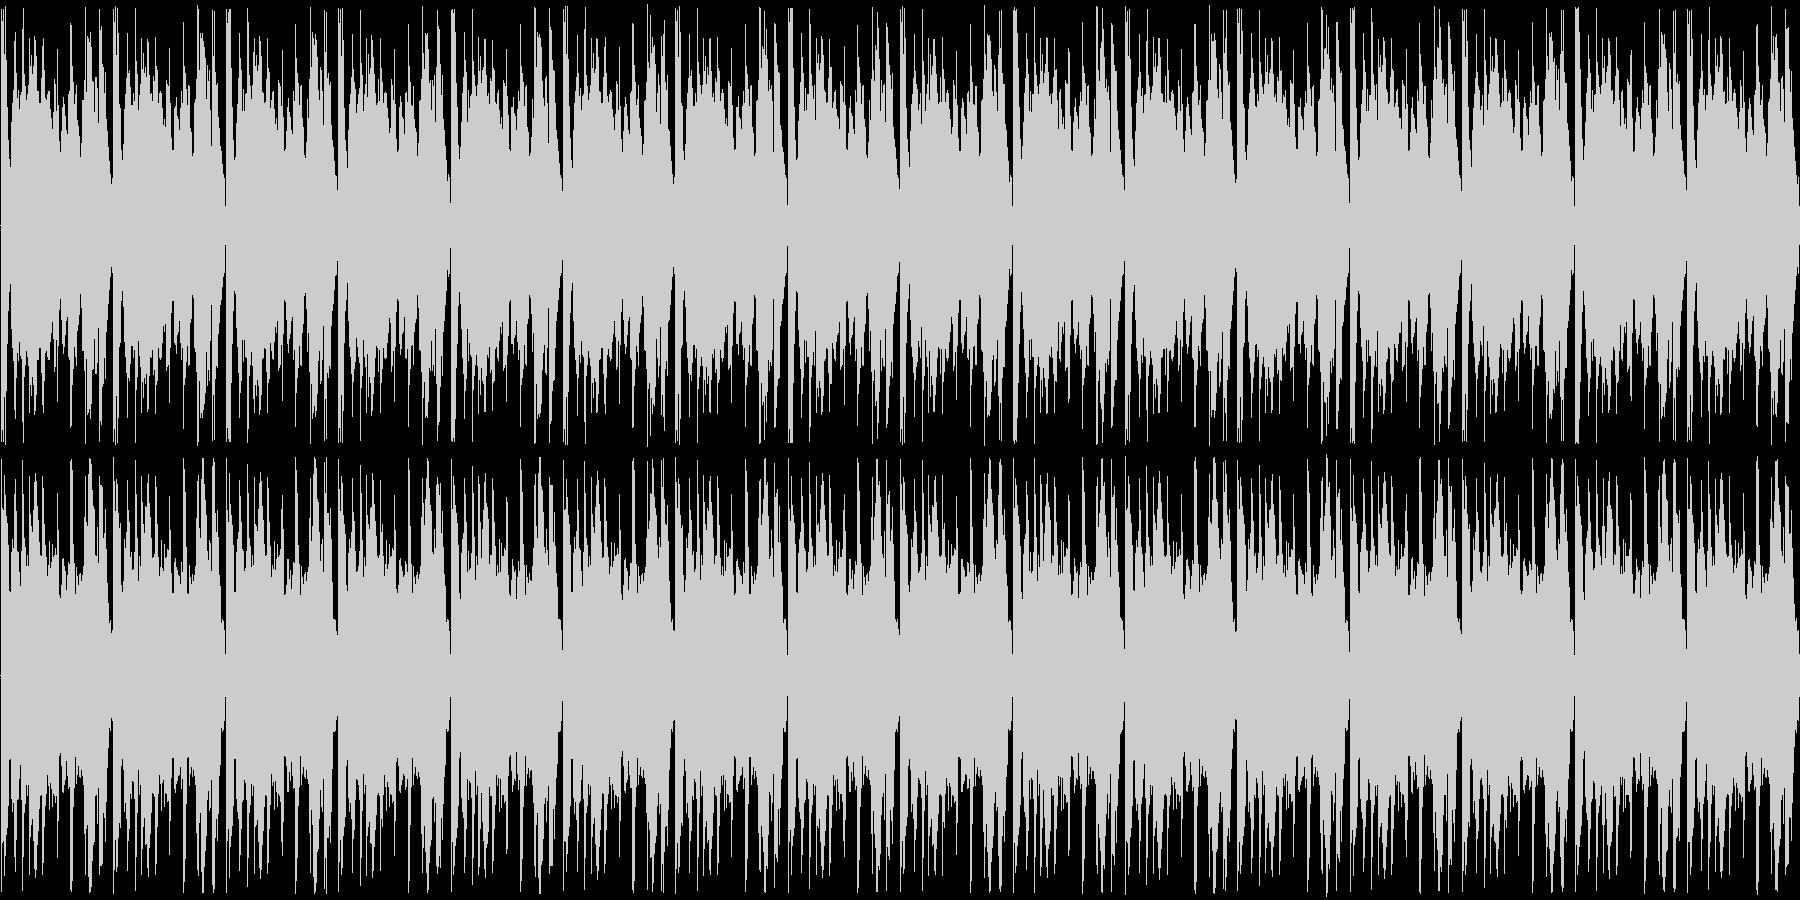 【ロック/ストリングス/盛り上がり】の未再生の波形